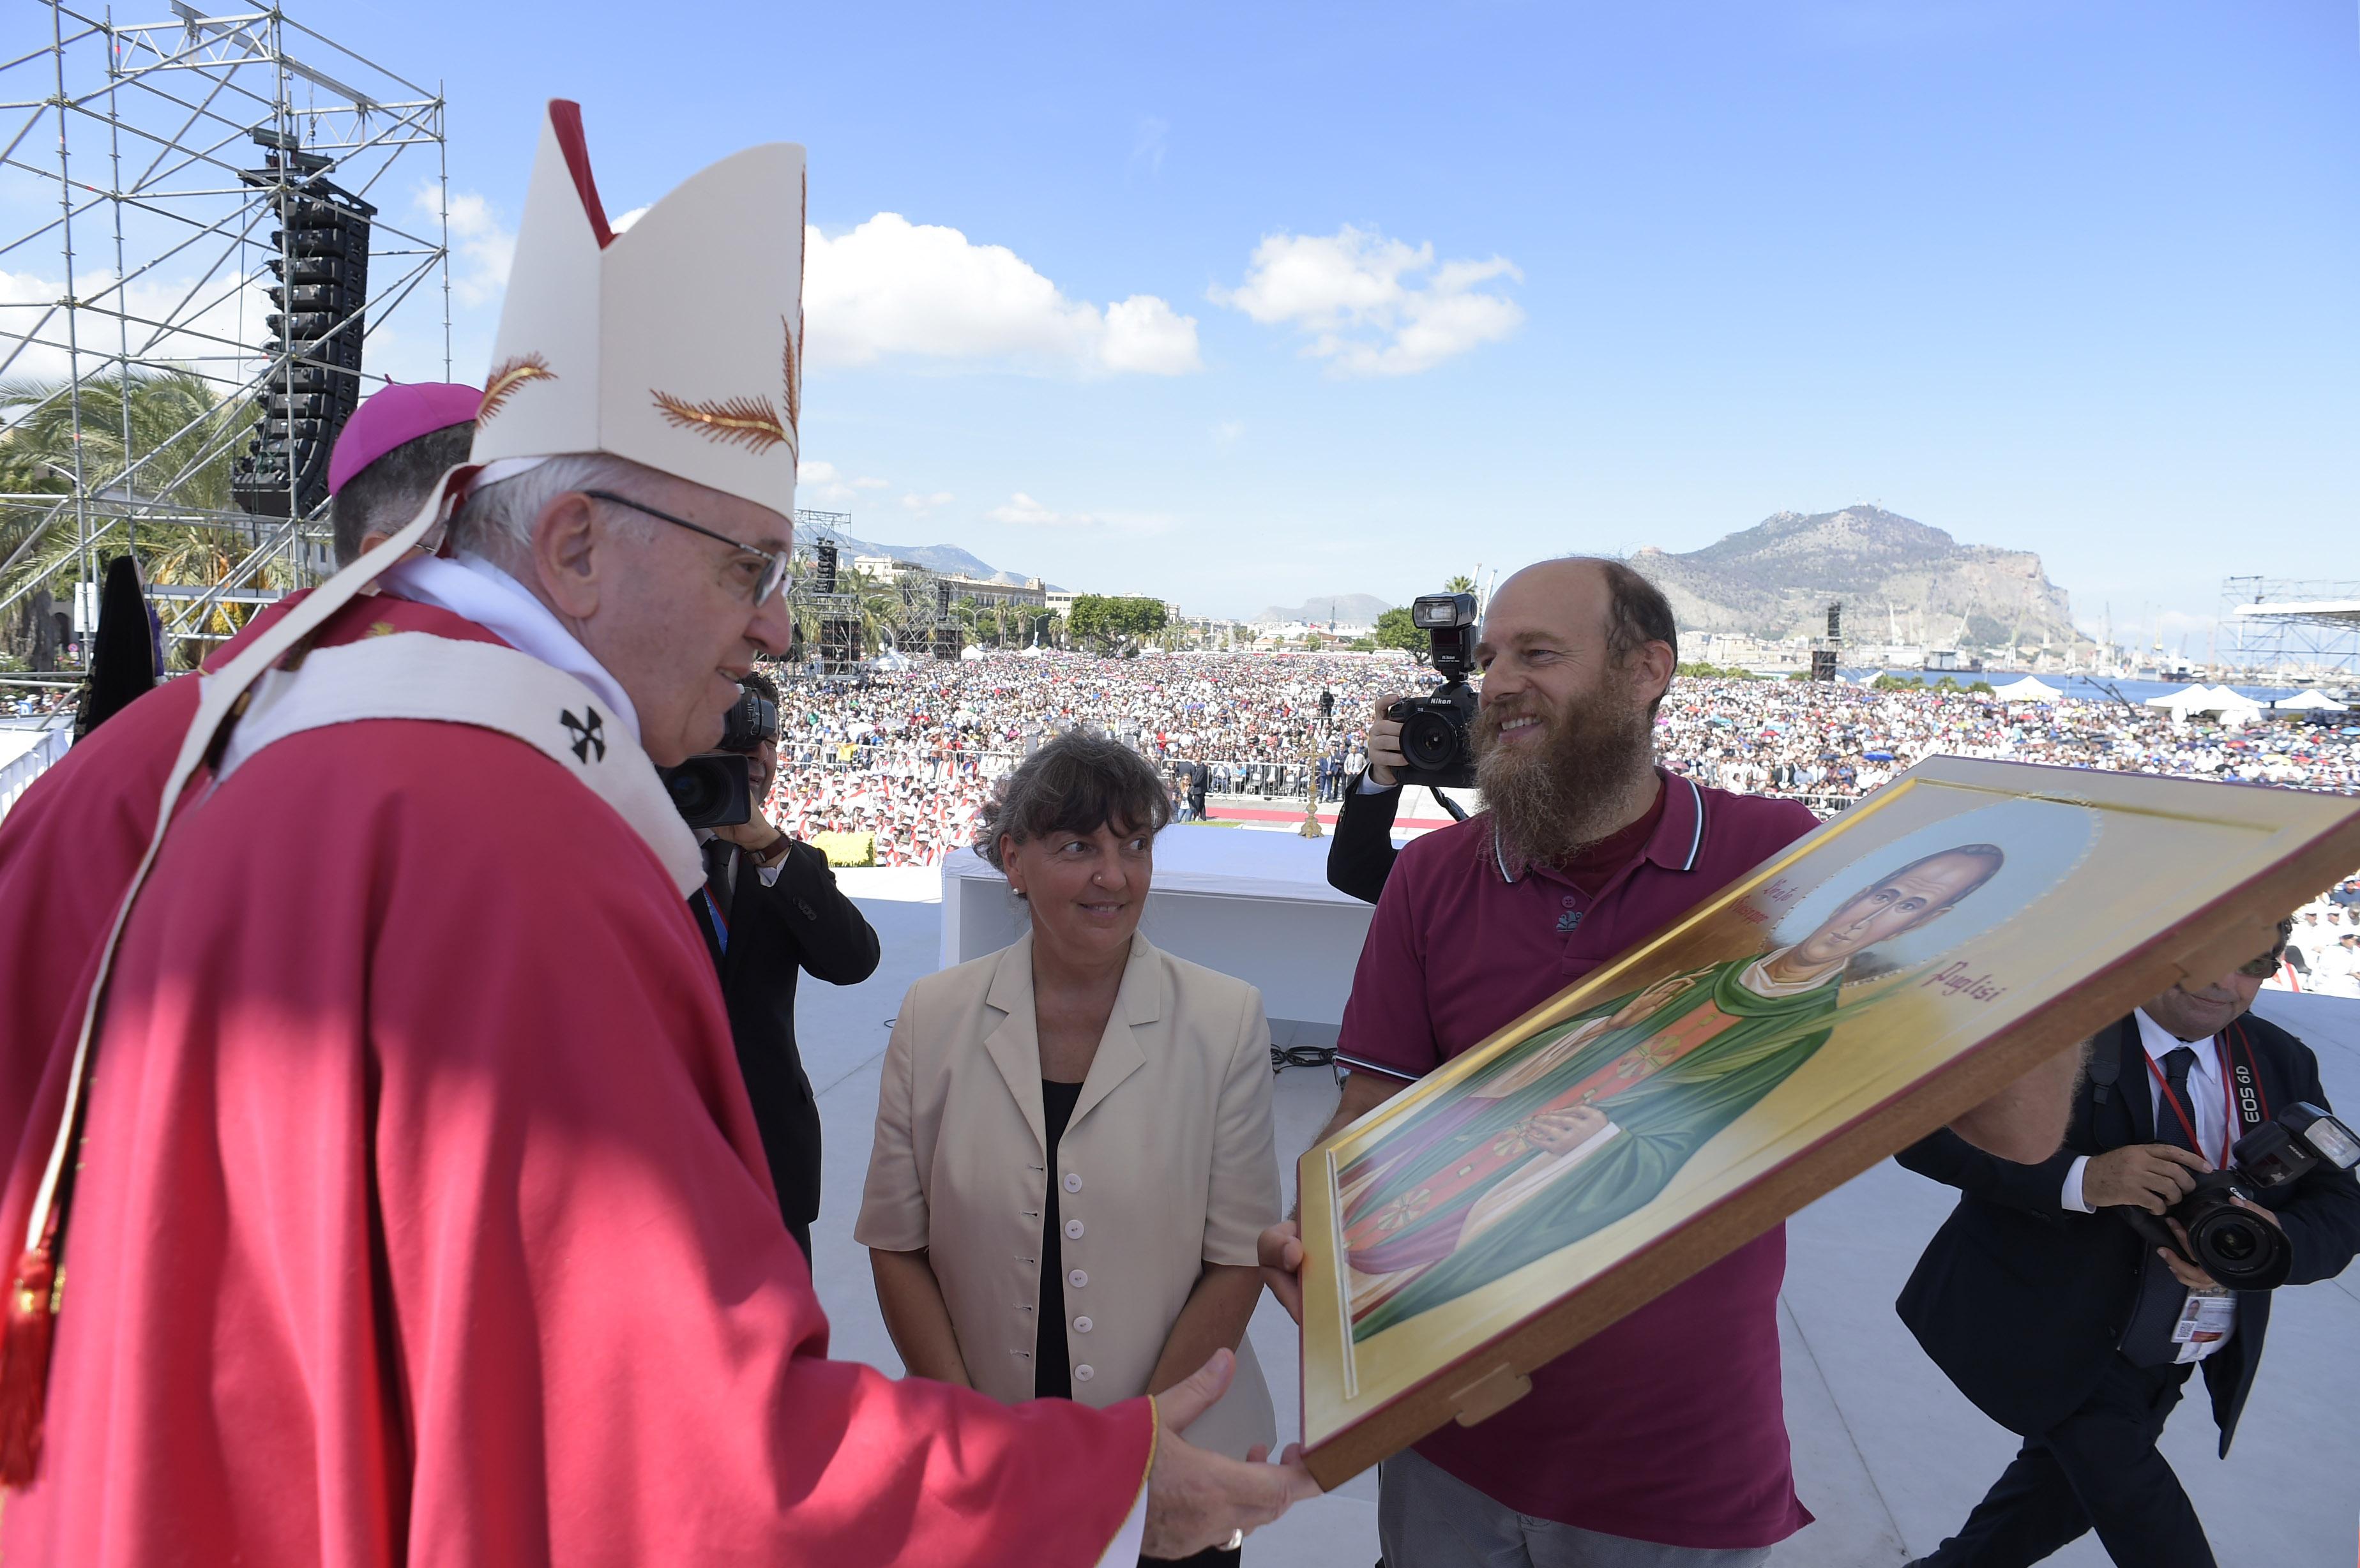 Palerme offre au Pape une icône du Bx martyr don Pino Puglisi, 15 sept. 2018 © Vatican Media